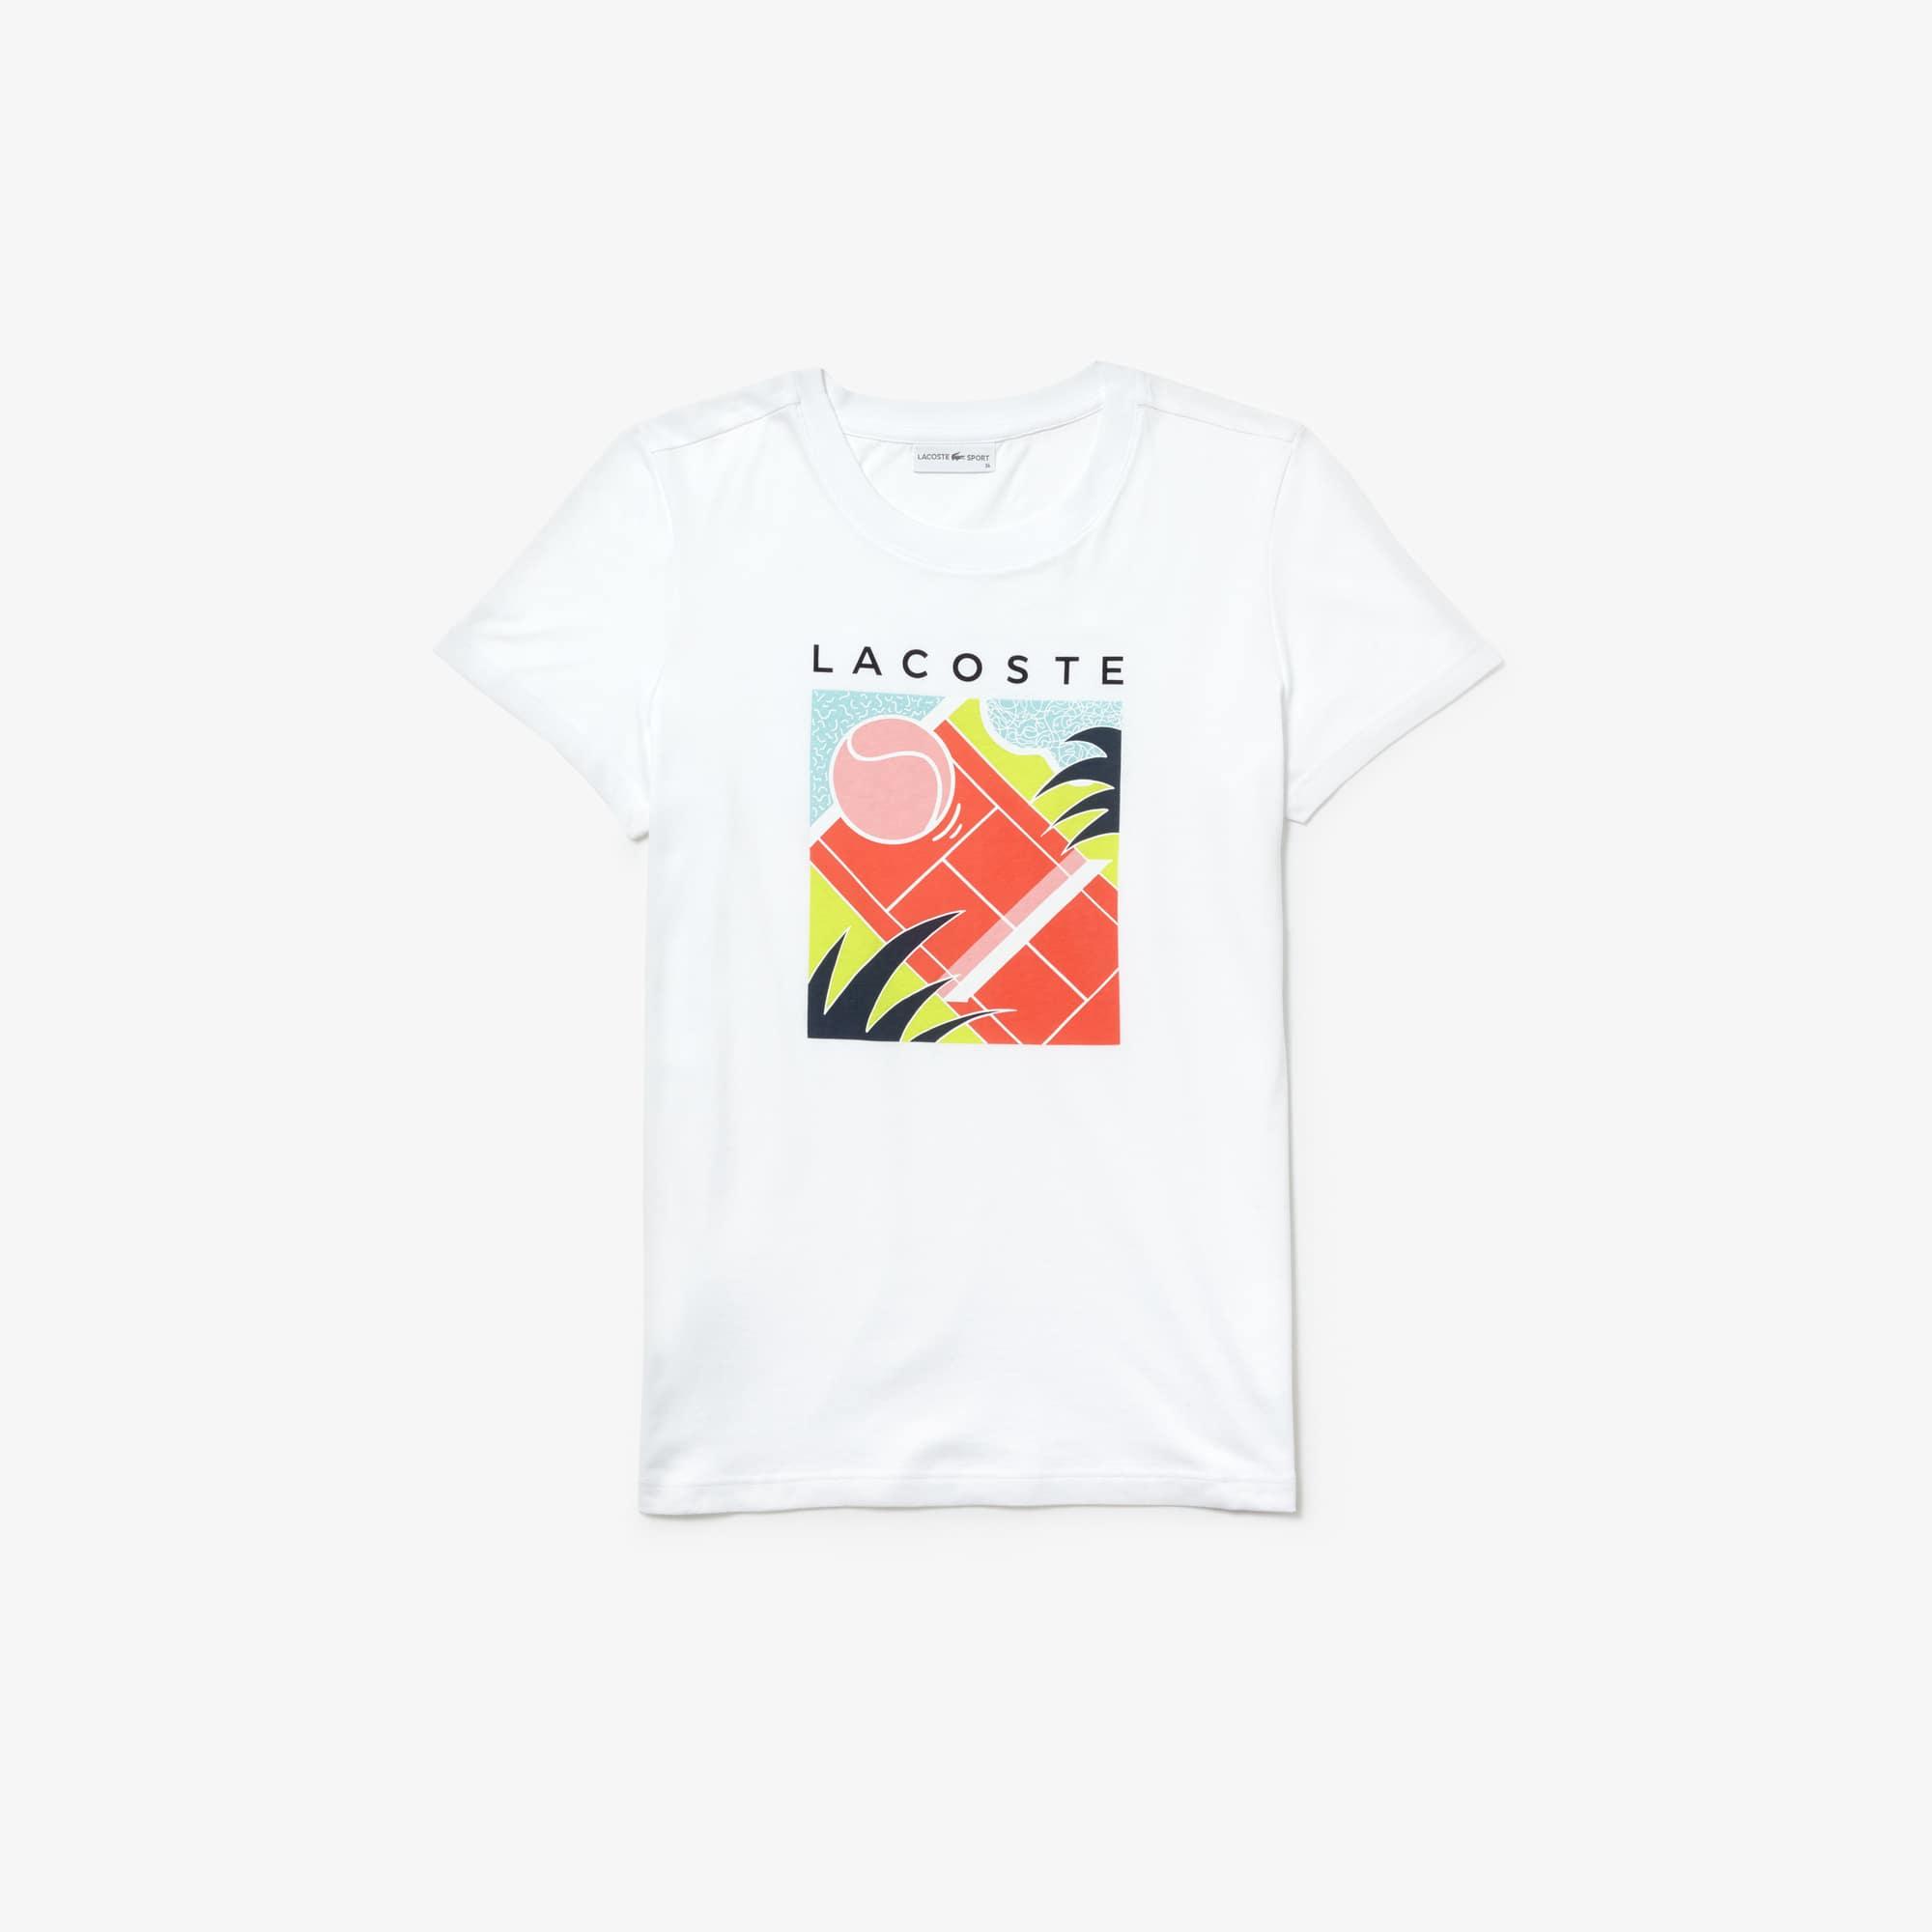 라코스테 Lacoste Womens SPORT Flowing Cotton Tennis T-shirt,white / flashy yellow / blue / light blue / navy b